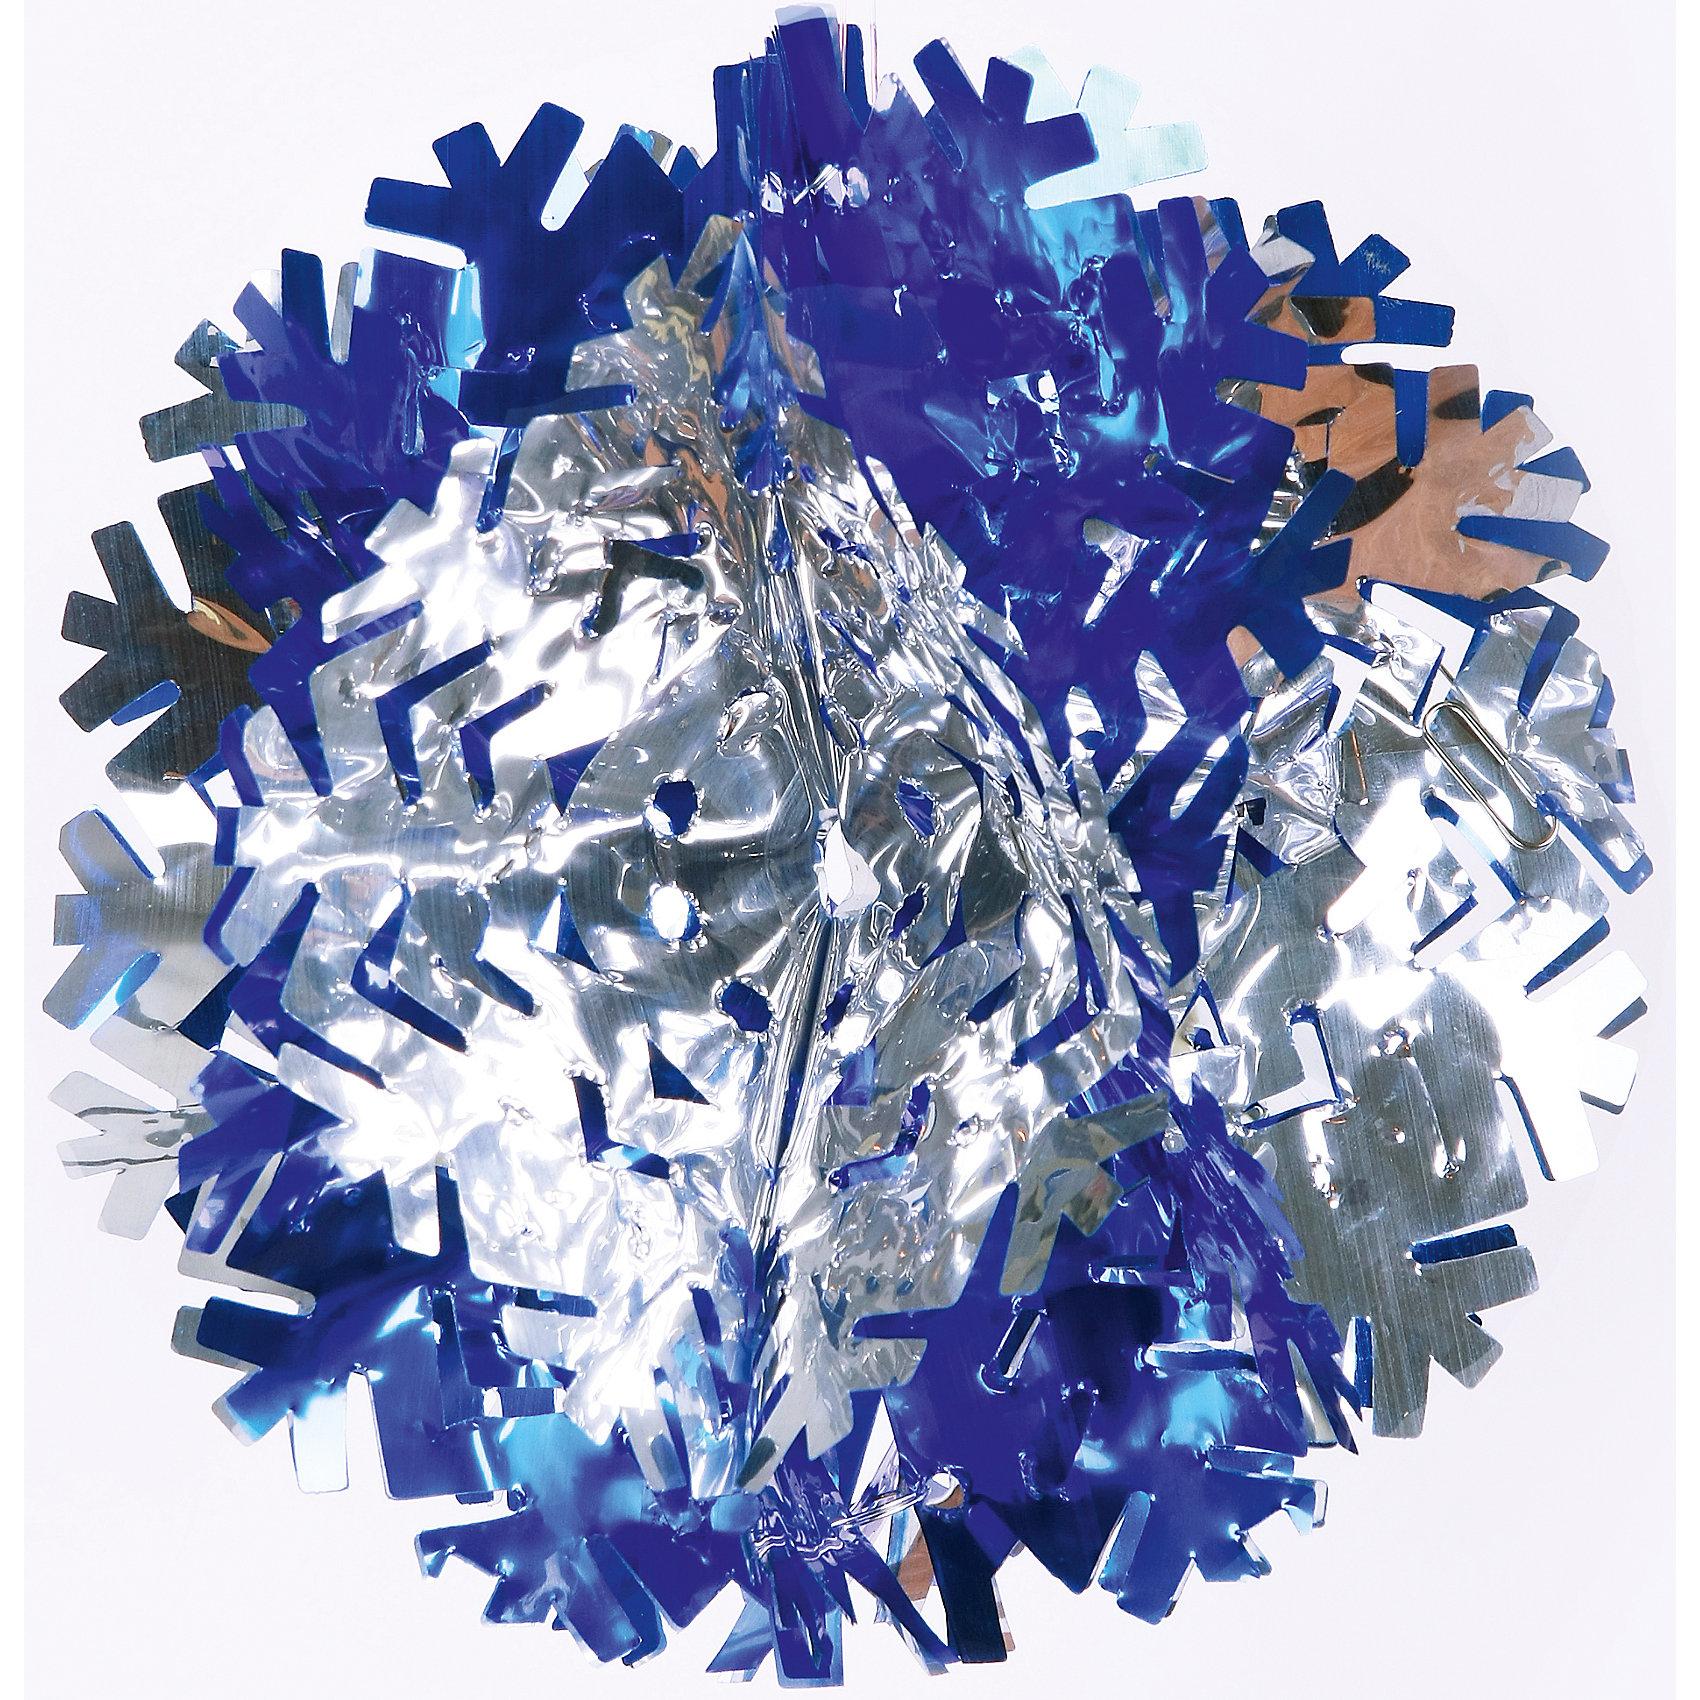 Гирлянда Снежинка 20*10 смВсё для праздника<br>Гирлянда Снежинка 20*10 см – это необычная гирлянда в виде блестящих голубых и серебряных лучиков снежинки. Впустите атмосферу зимы и праздников! С этой гирляндой так весело наводить красоту и радовать близких. Гирлянда раскладывается и превращается в объемную, шарообразную снежинку. Украшение прекрасно подойдет для декорирования штор, стен или даже люстры. <br><br>Дополнительная информация:<br>- Размер: 20 * 10 см.<br>- Материал: ПЭТ<br>Гирлянду Снежинка 20 * 10 см можно купить в нашем интернет-магазине.<br>Подробнее:<br>• Для детей в возрасте: от 3 лет<br>• Номер товара: 4981426<br>Страна производитель: Китай<br><br>Ширина мм: 100<br>Глубина мм: 100<br>Высота мм: 60<br>Вес г: 11<br>Возраст от месяцев: 36<br>Возраст до месяцев: 2147483647<br>Пол: Унисекс<br>Возраст: Детский<br>SKU: 4981426